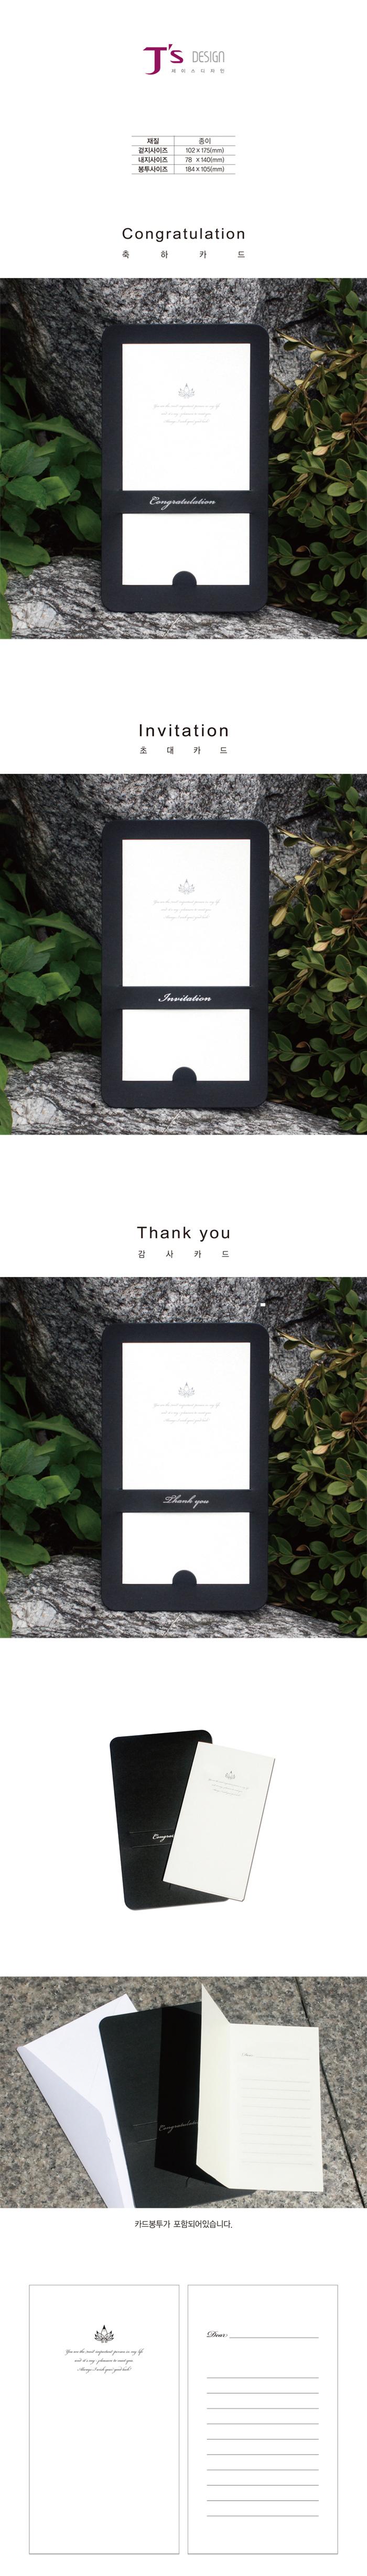 1500블랙앤화이트 감사 축하 초대카드 - 제이스디자인, 1,500원, 카드, 감사 카드